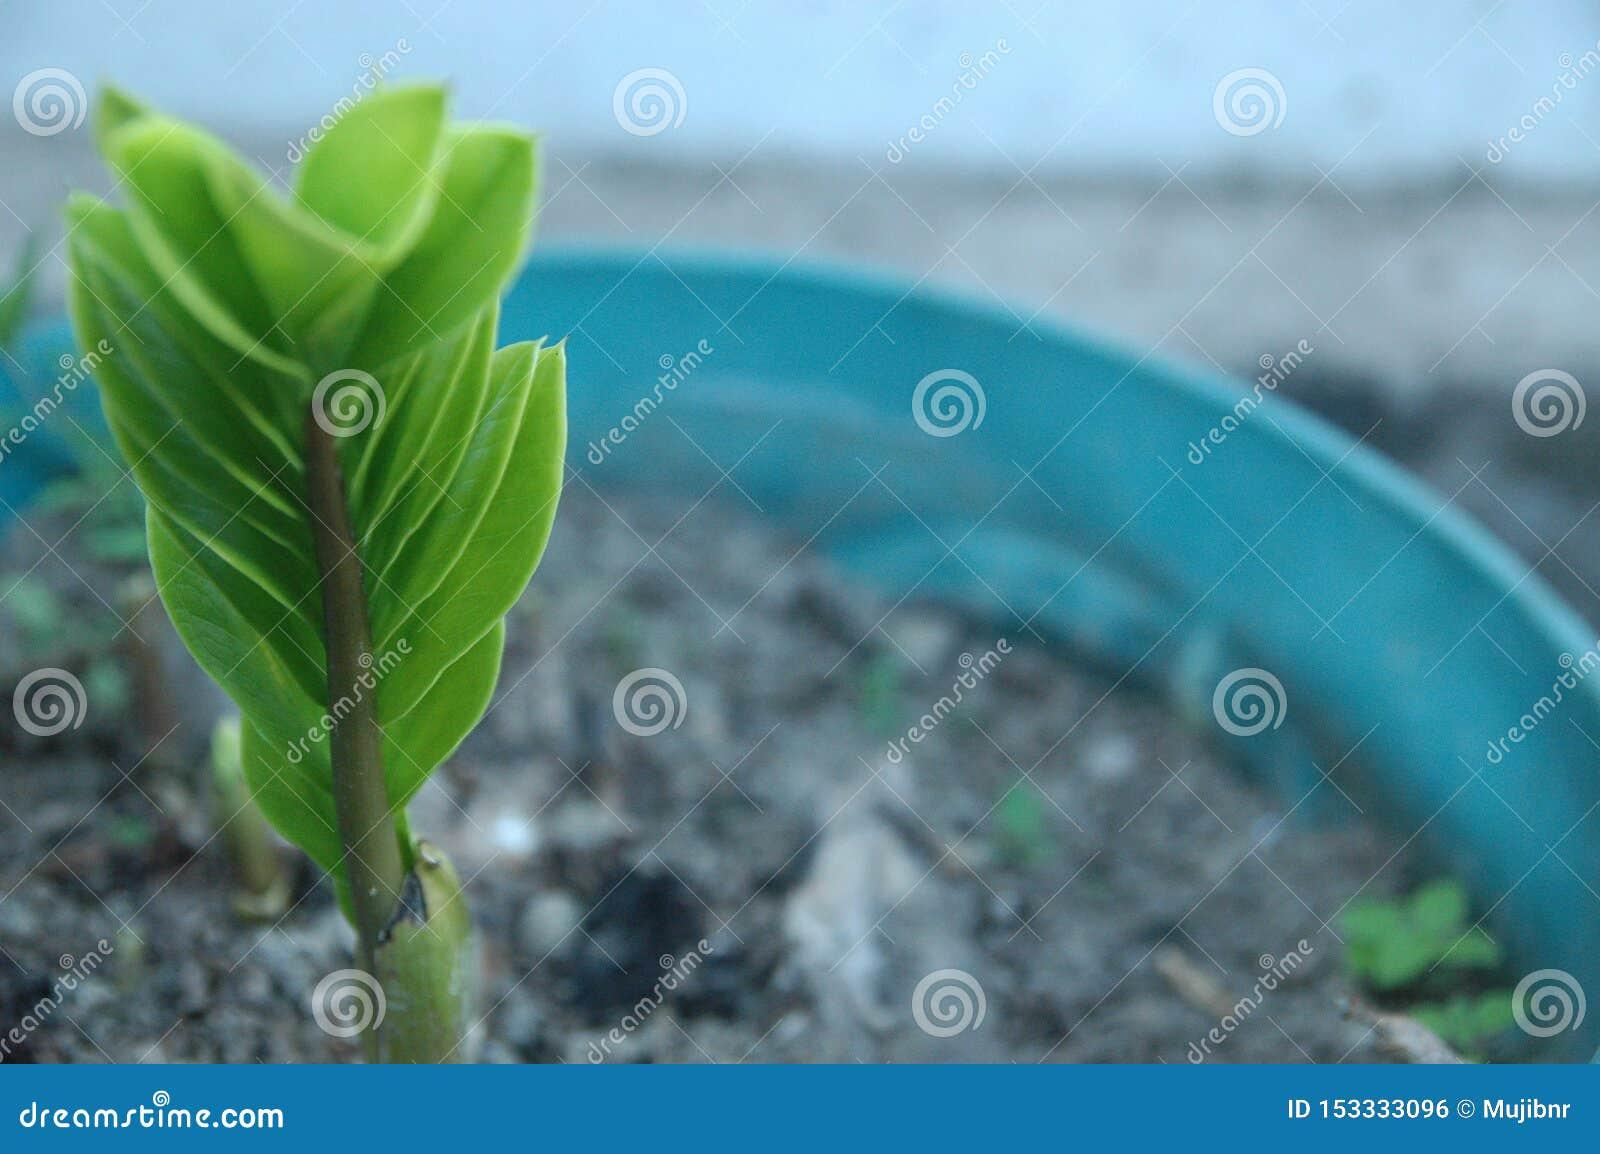 绿色叶子纹理迷离背景